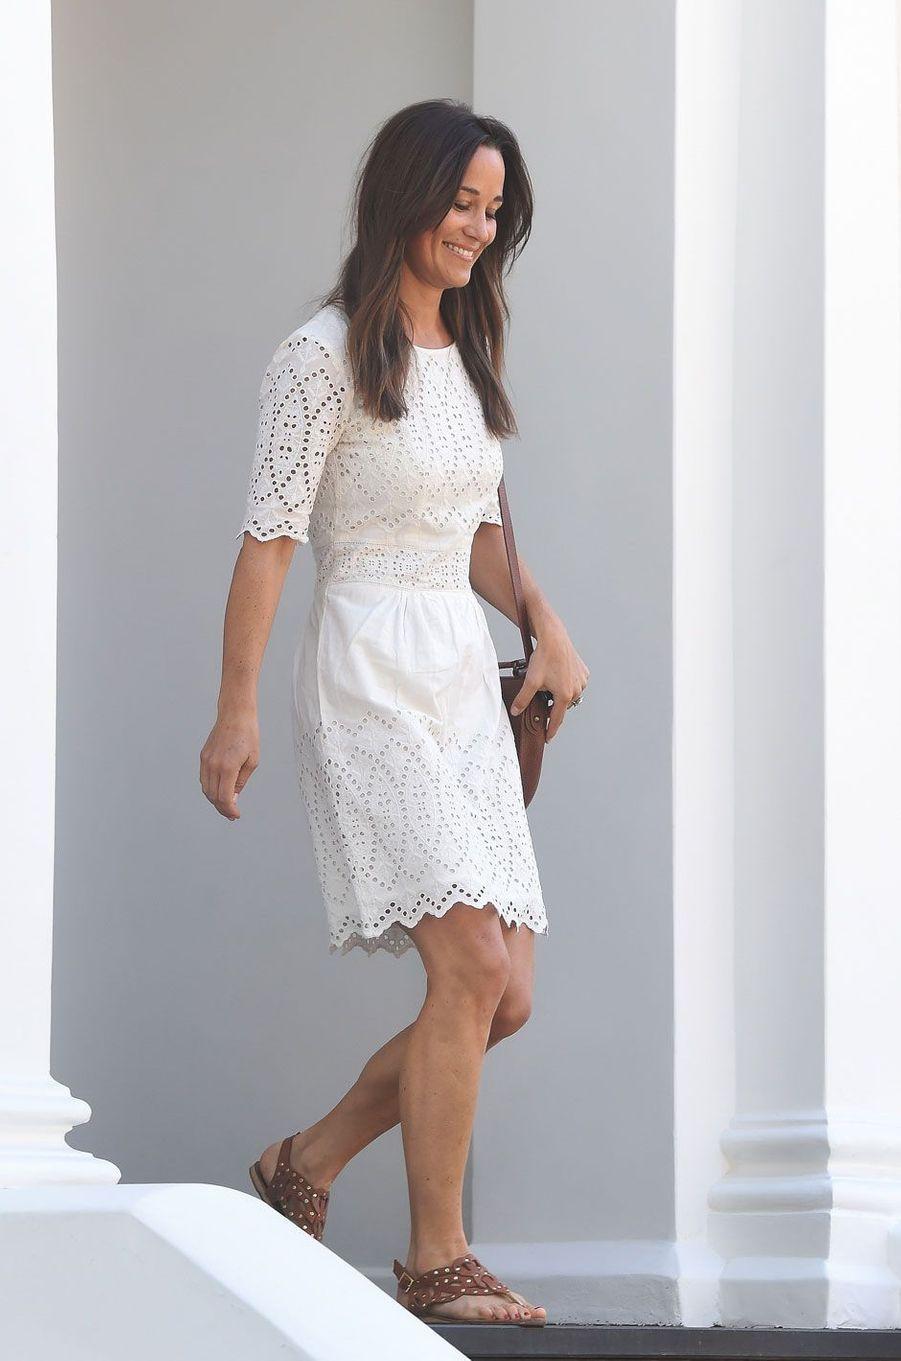 Pippa Middleton, radieuse, arborait une superbe bague de fiançailles